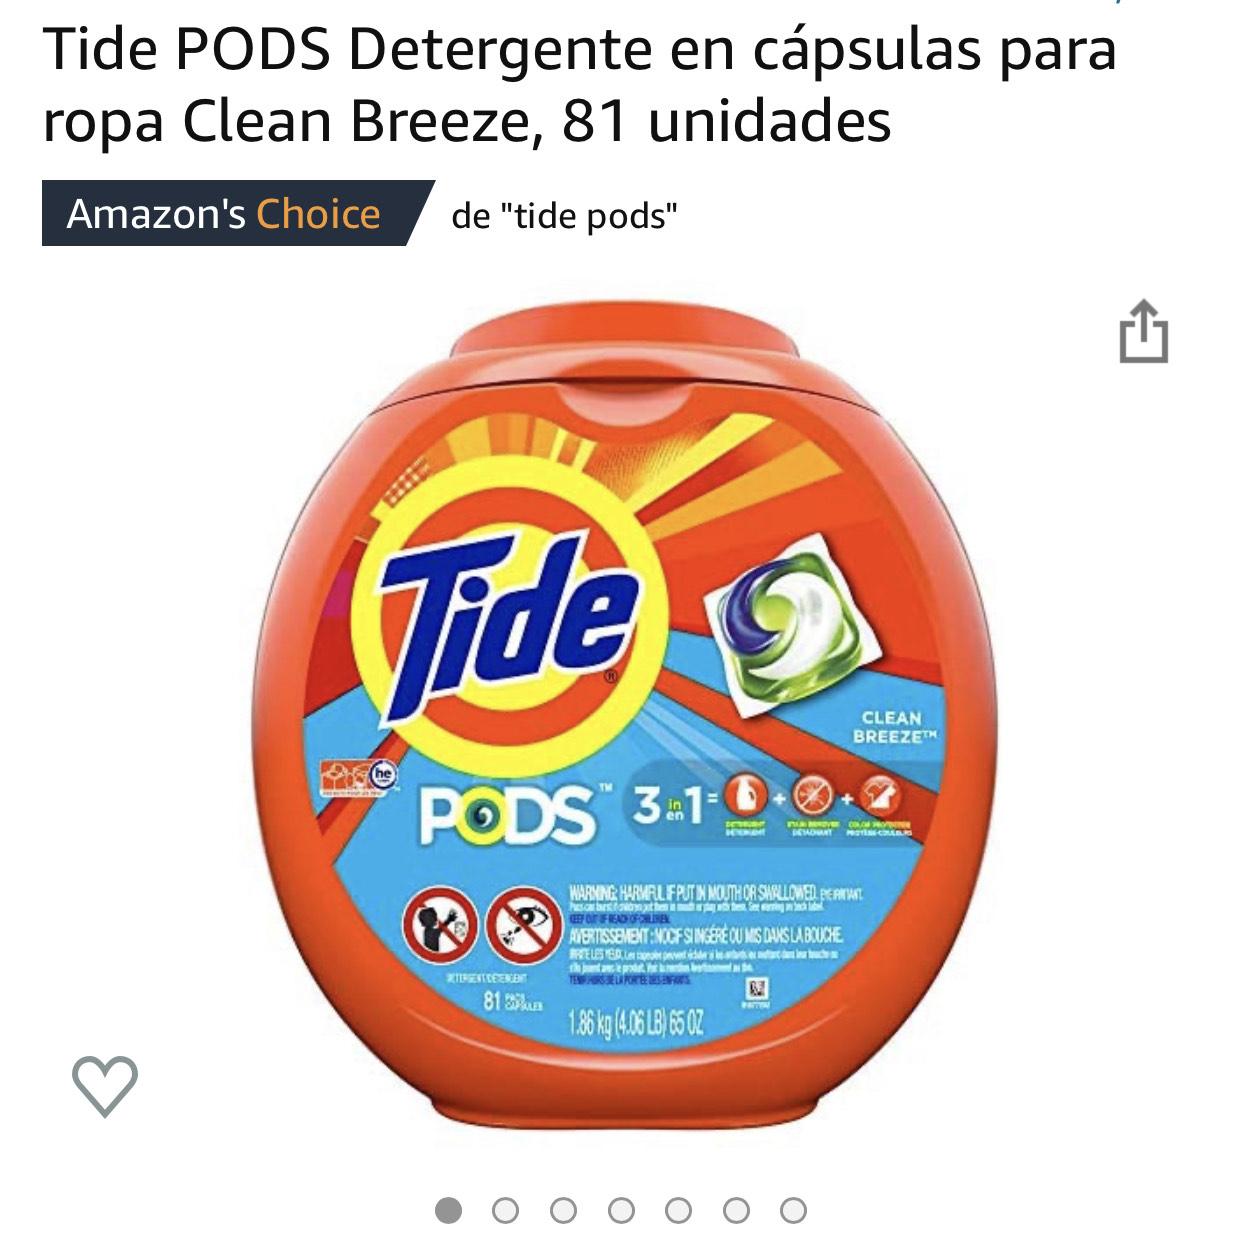 Amazon: Tide pods detergente en capsulas